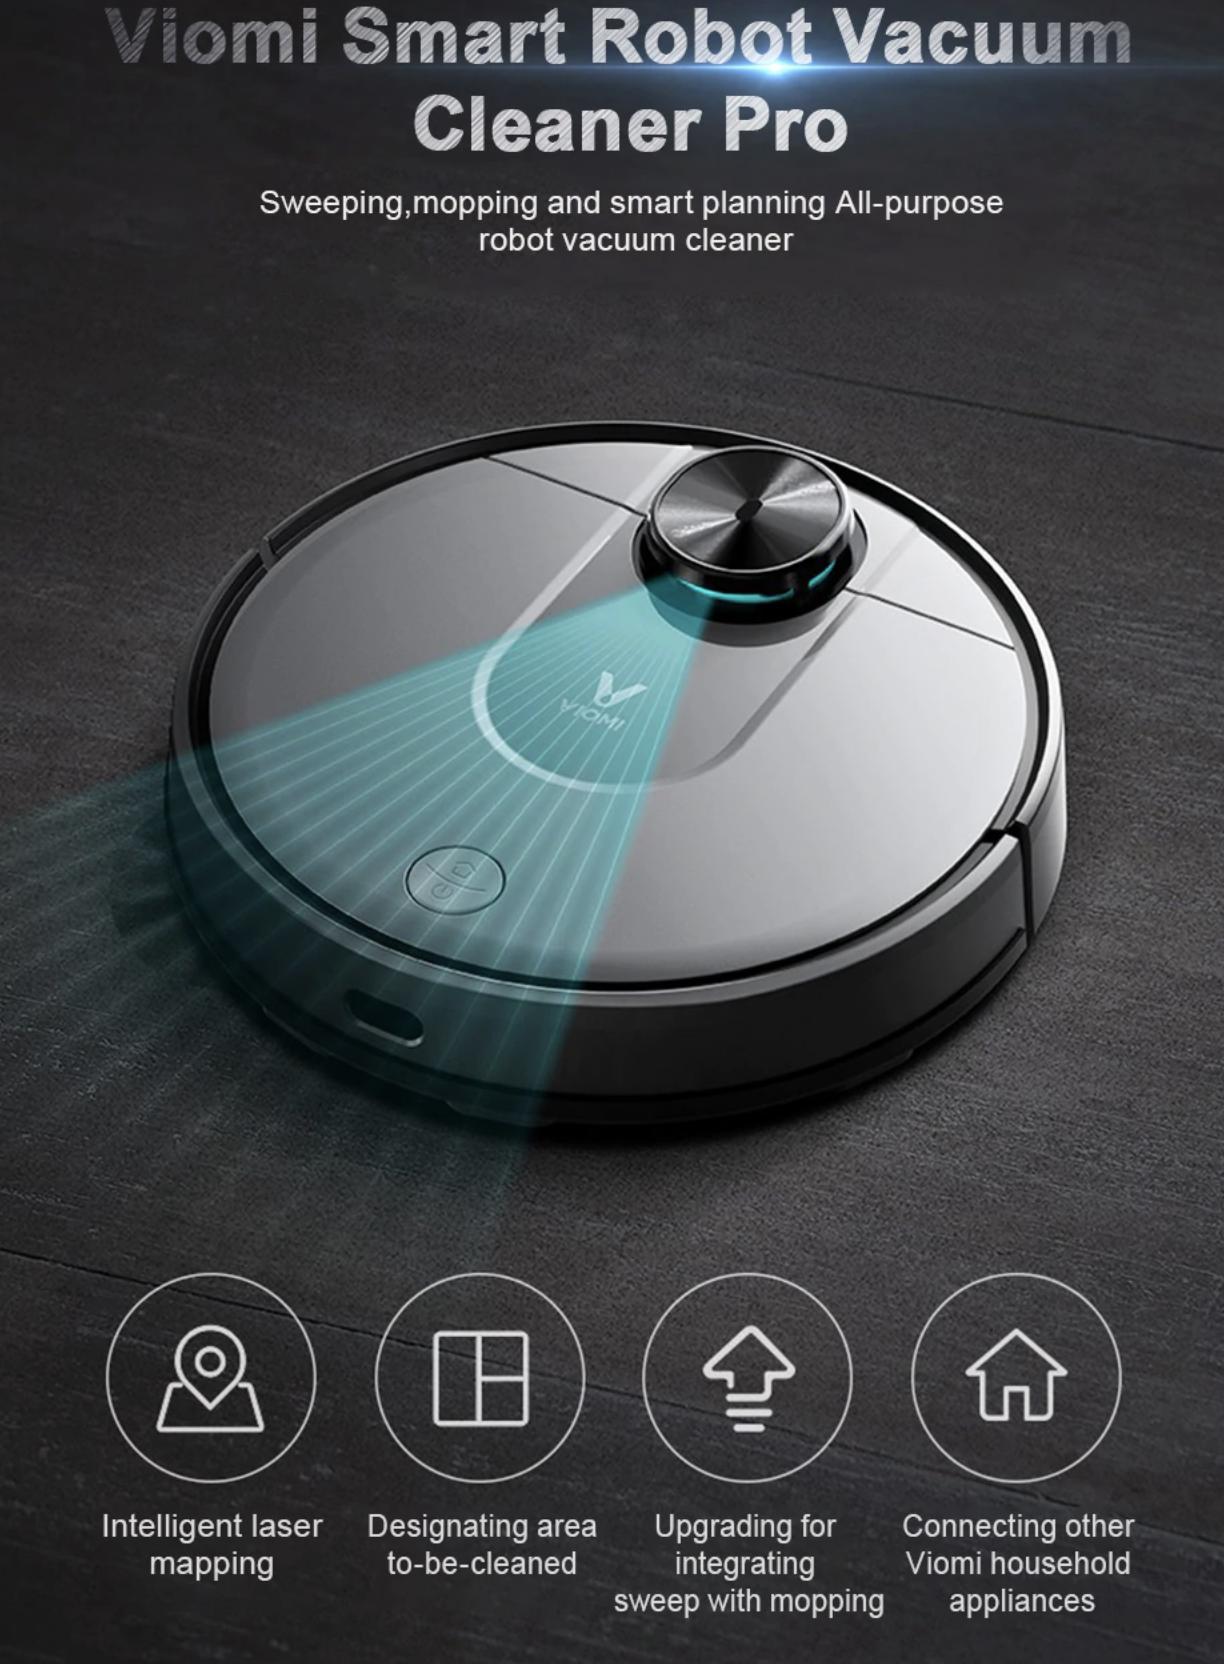 שואב האבק הרובוטי השוטף החדש, הViomi V2 ממשפחת שיאומי במחיר נהדר!